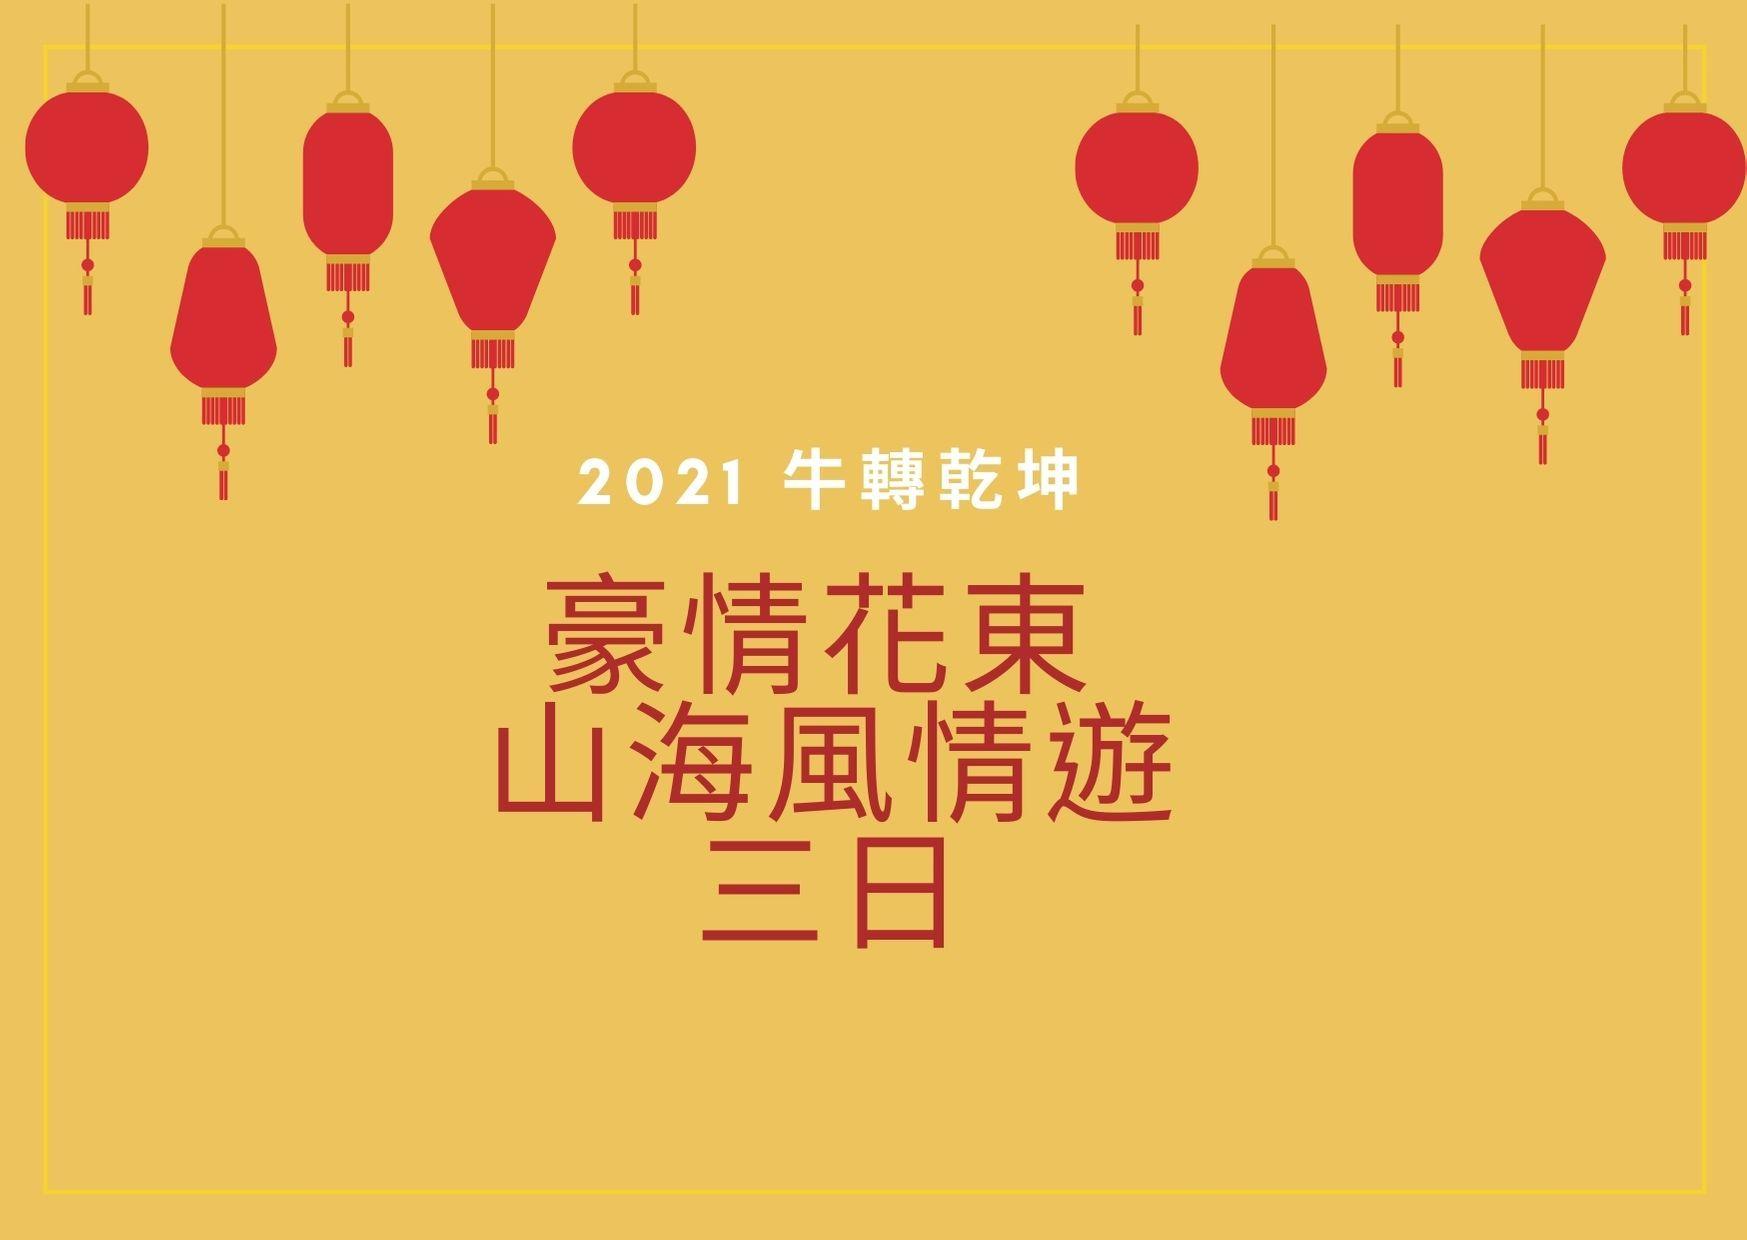 2021牛轉乾坤 豪情花東 山海風情遊 三日(火車來回)